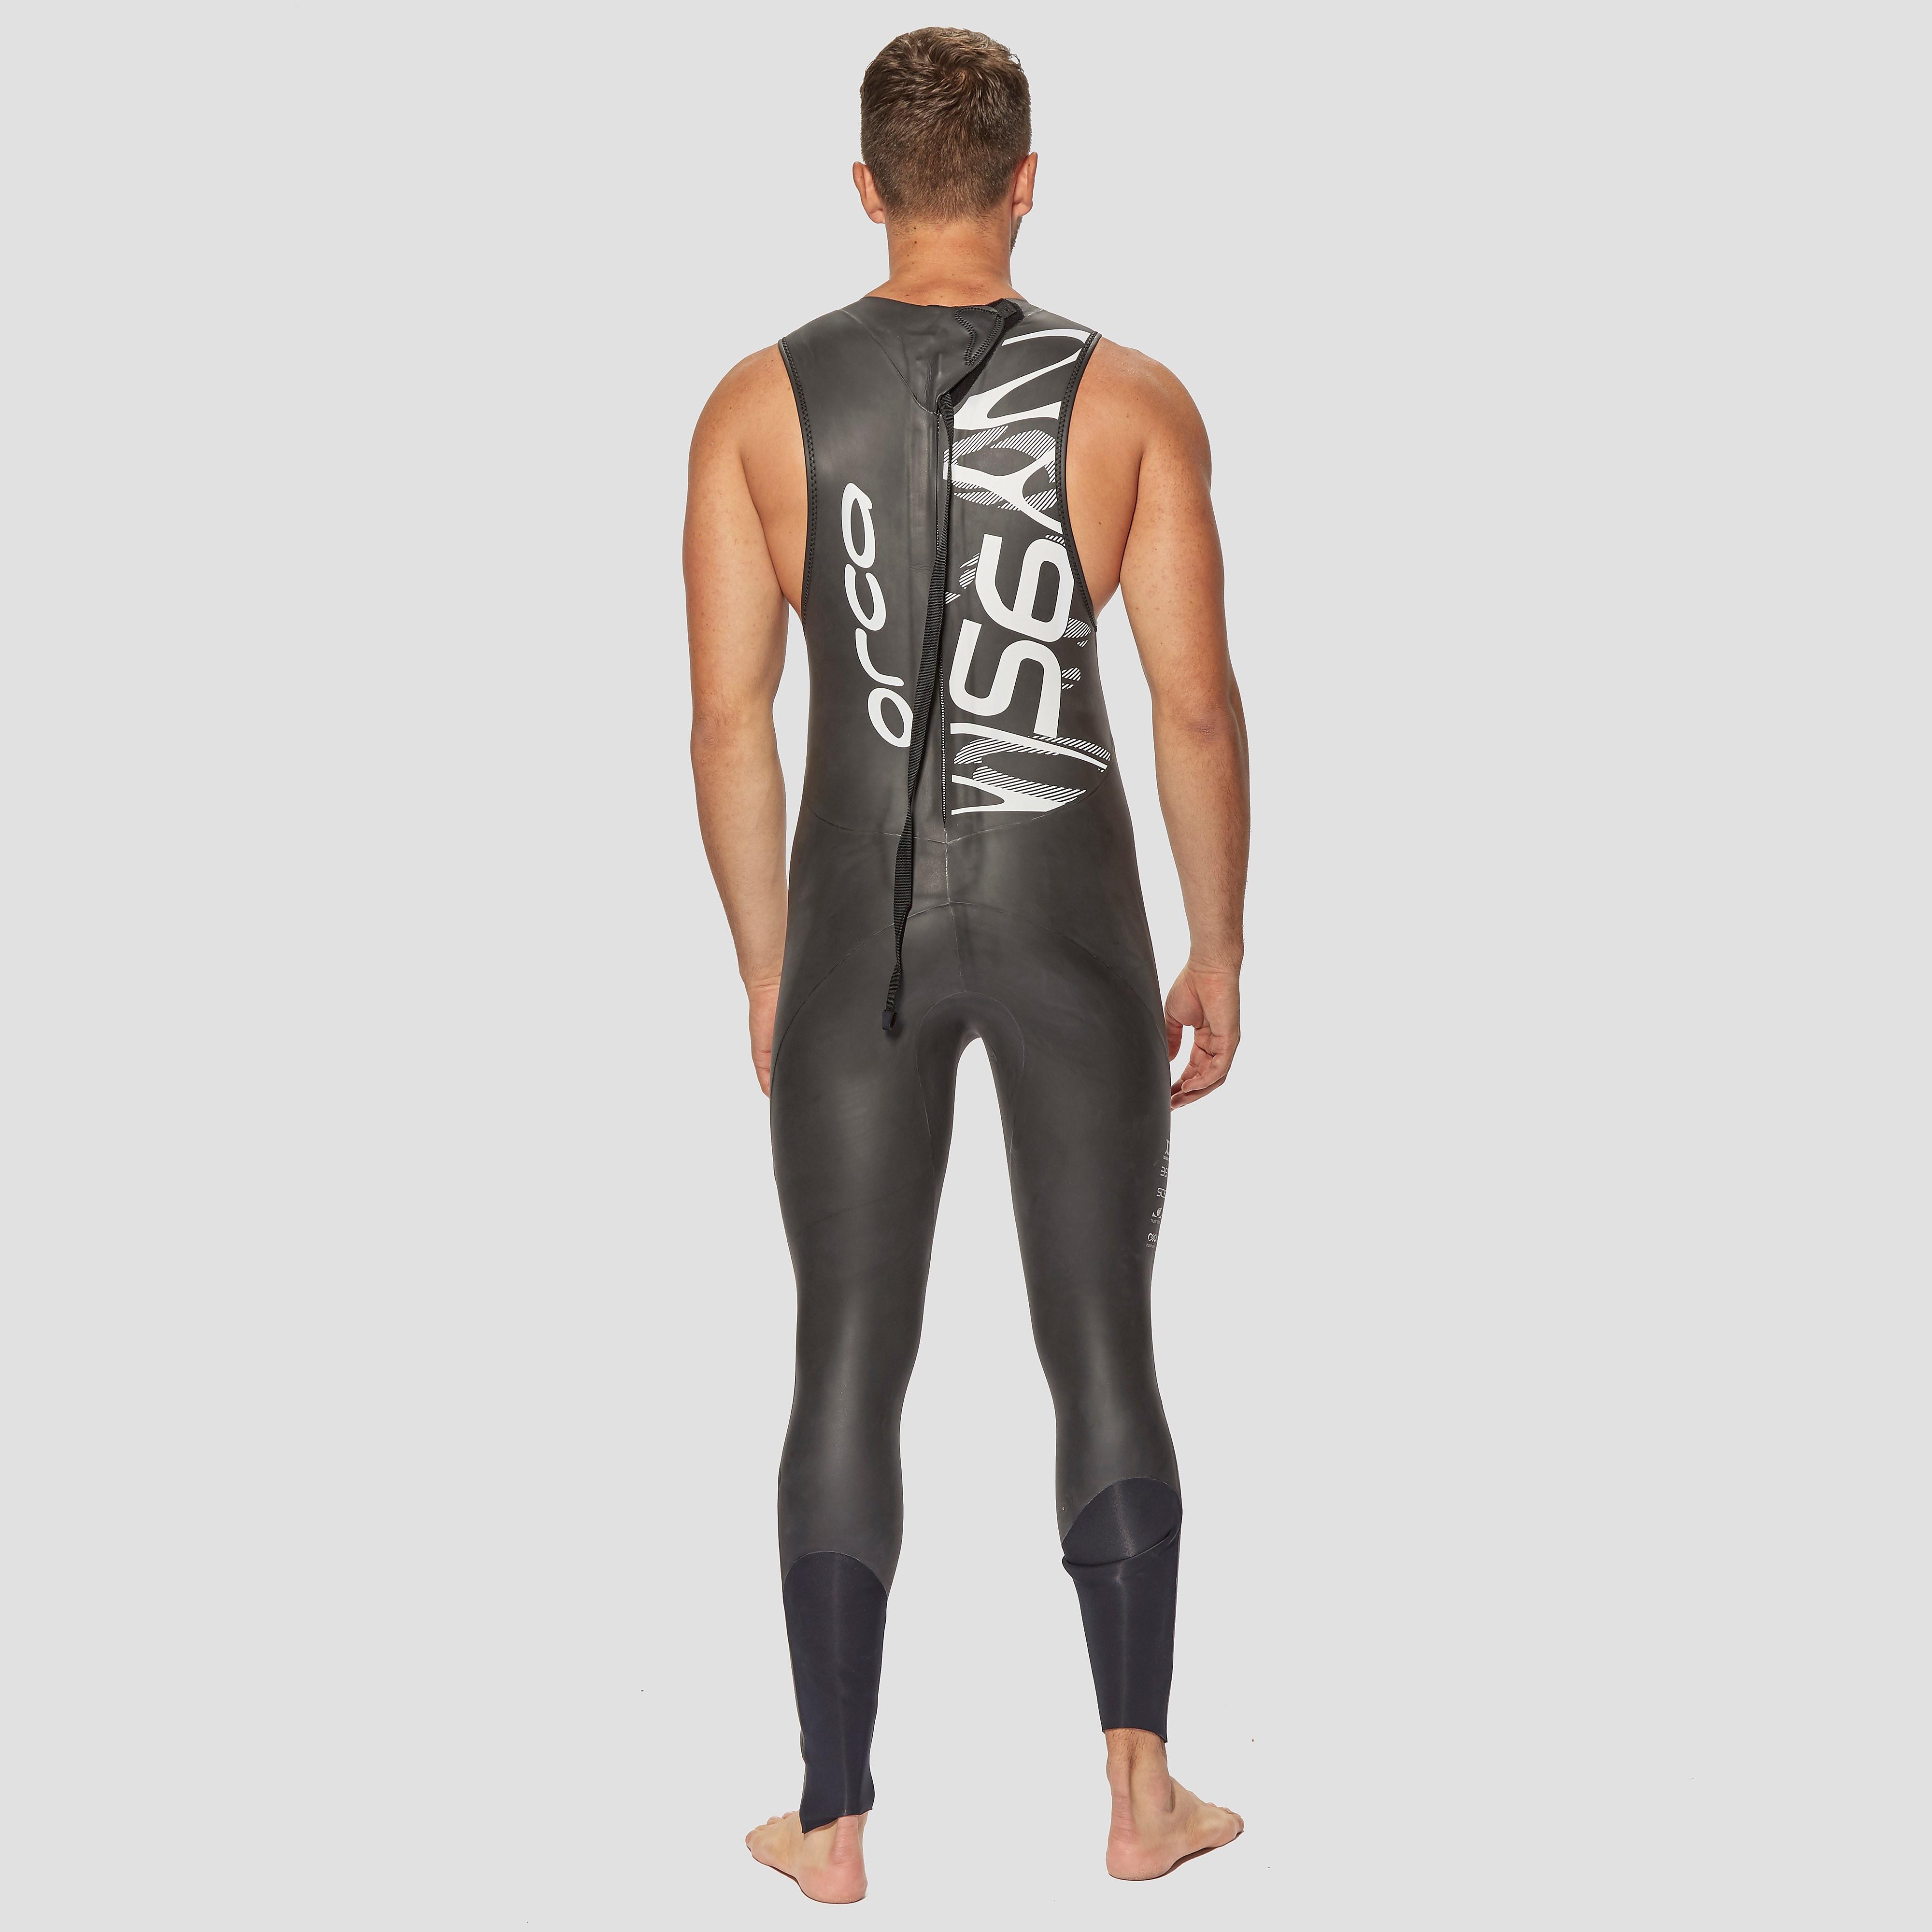 Orca S6 Sleeveless Men's Wetsuit